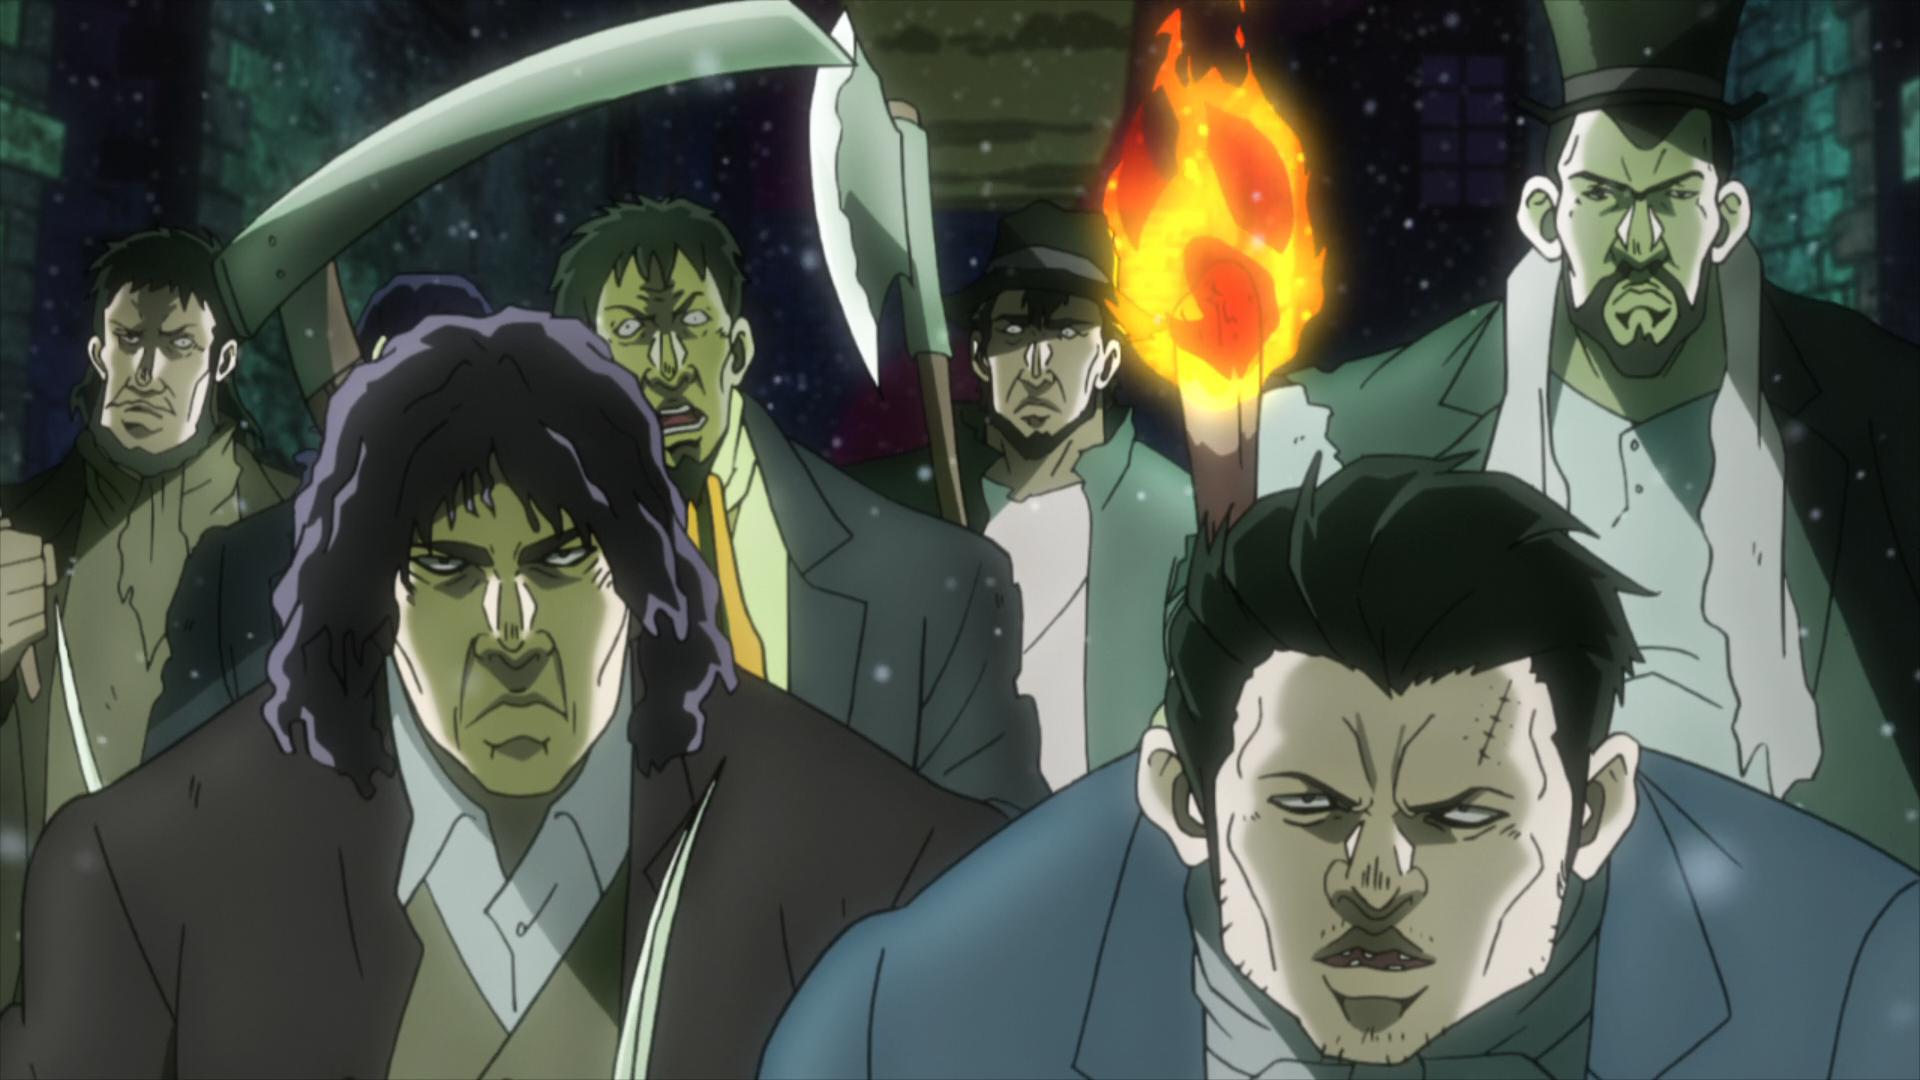 Ogre Street Criminals Anime